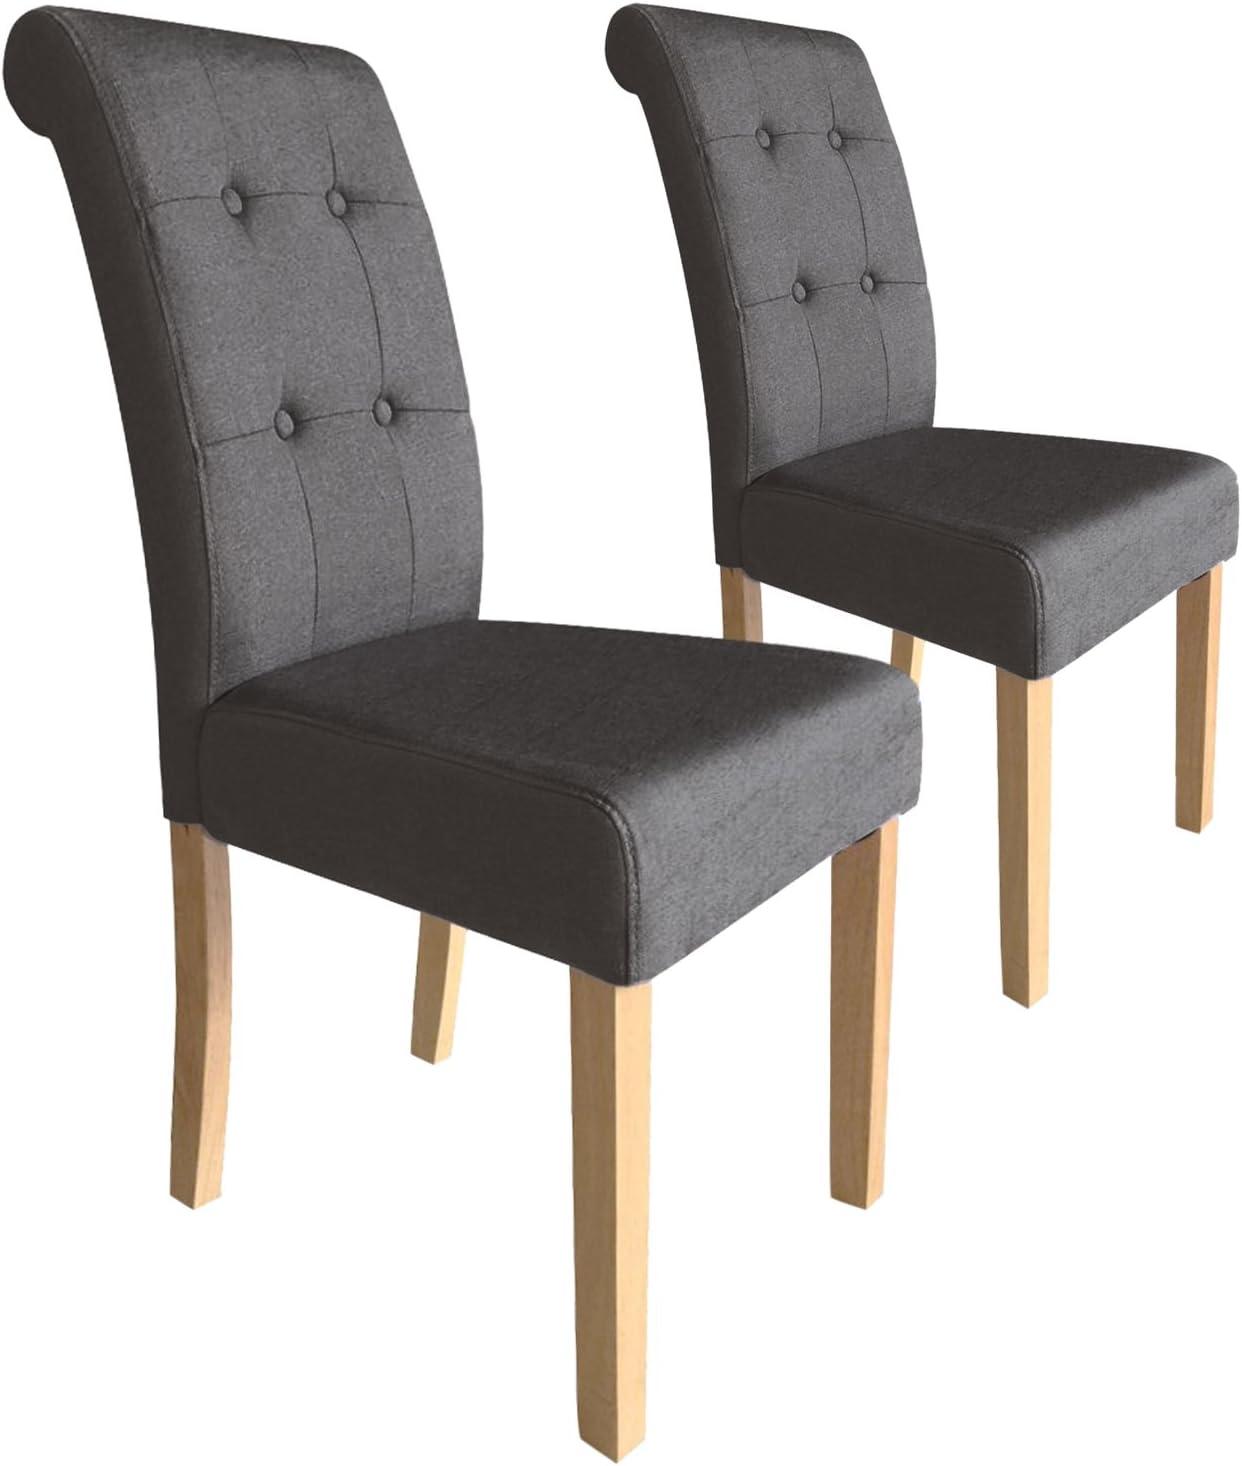 Menzzo Adam – Juego de 2 sillas capitonnées, Tejido, Topo, 47 x 60 x 99 cm: Amazon.es: Hogar